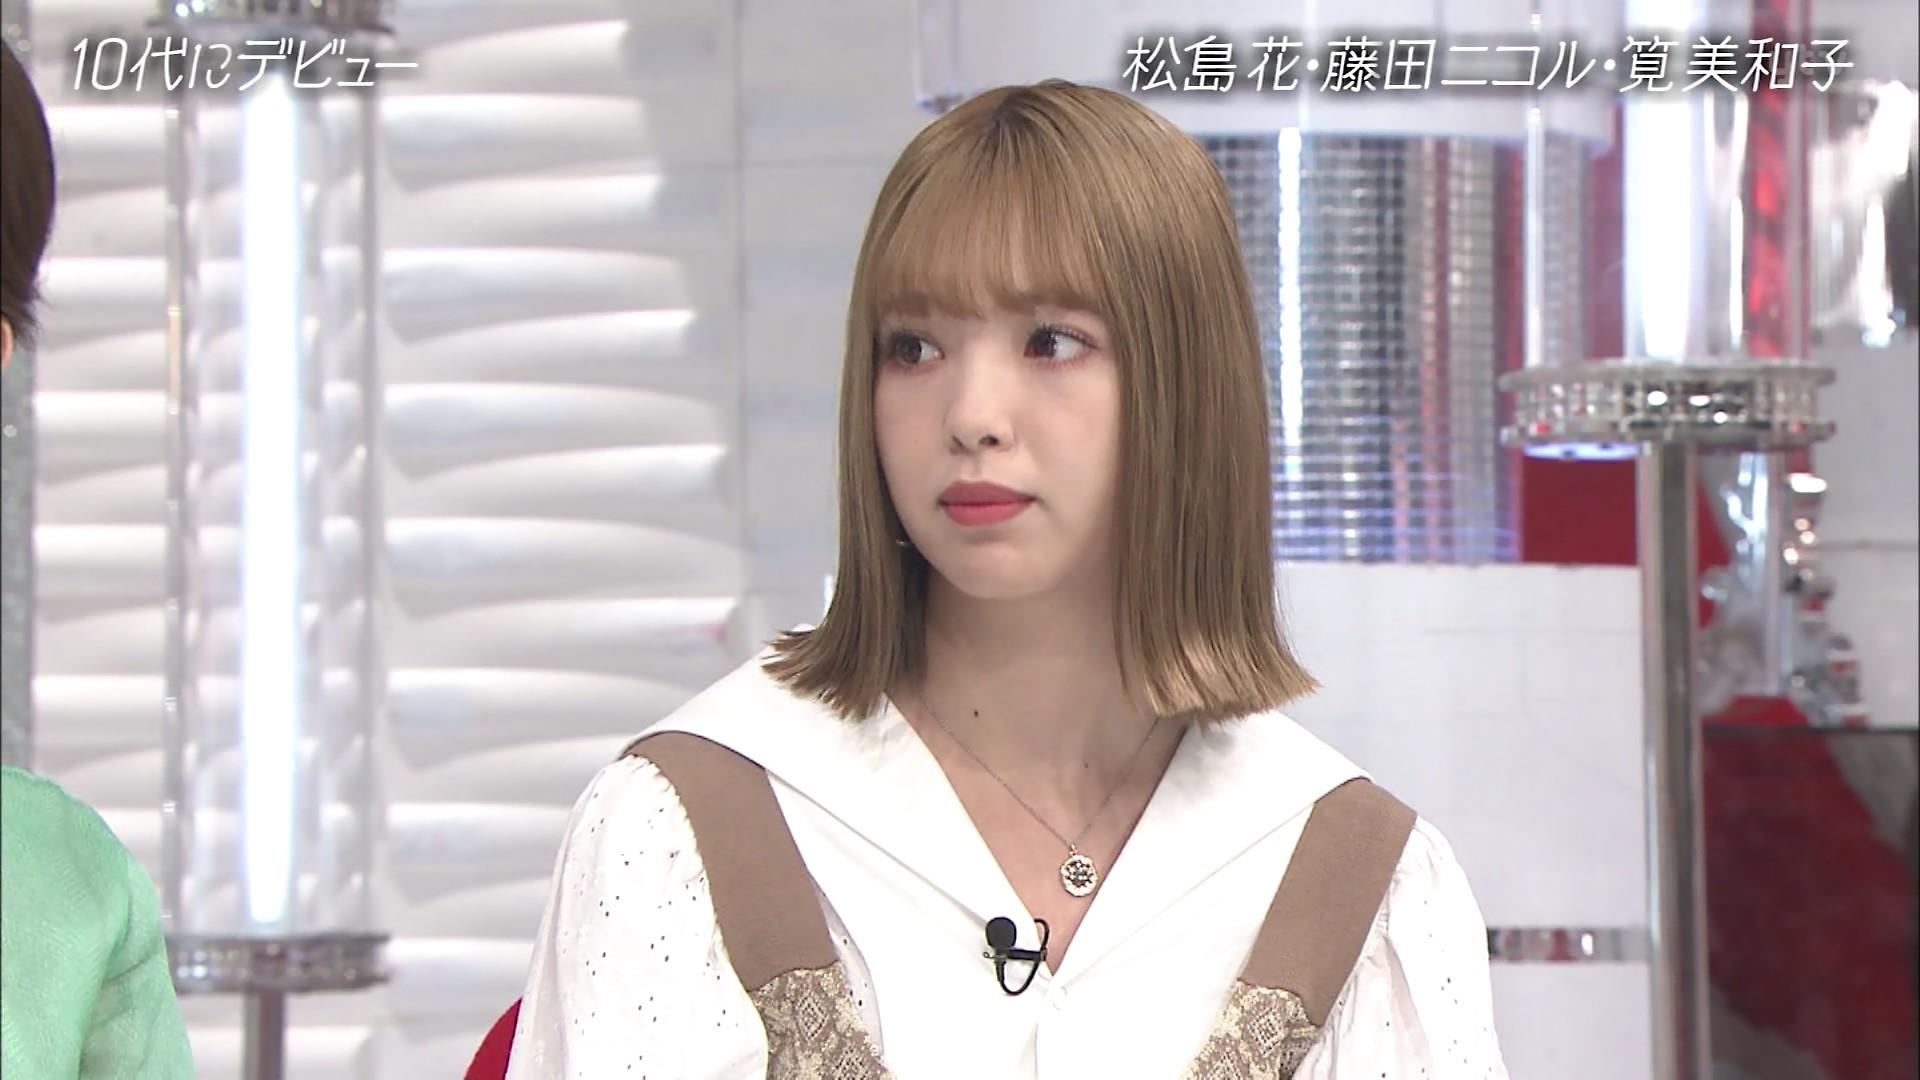 胸チラ_谷間_おっぱい_おしゃれイズム_06